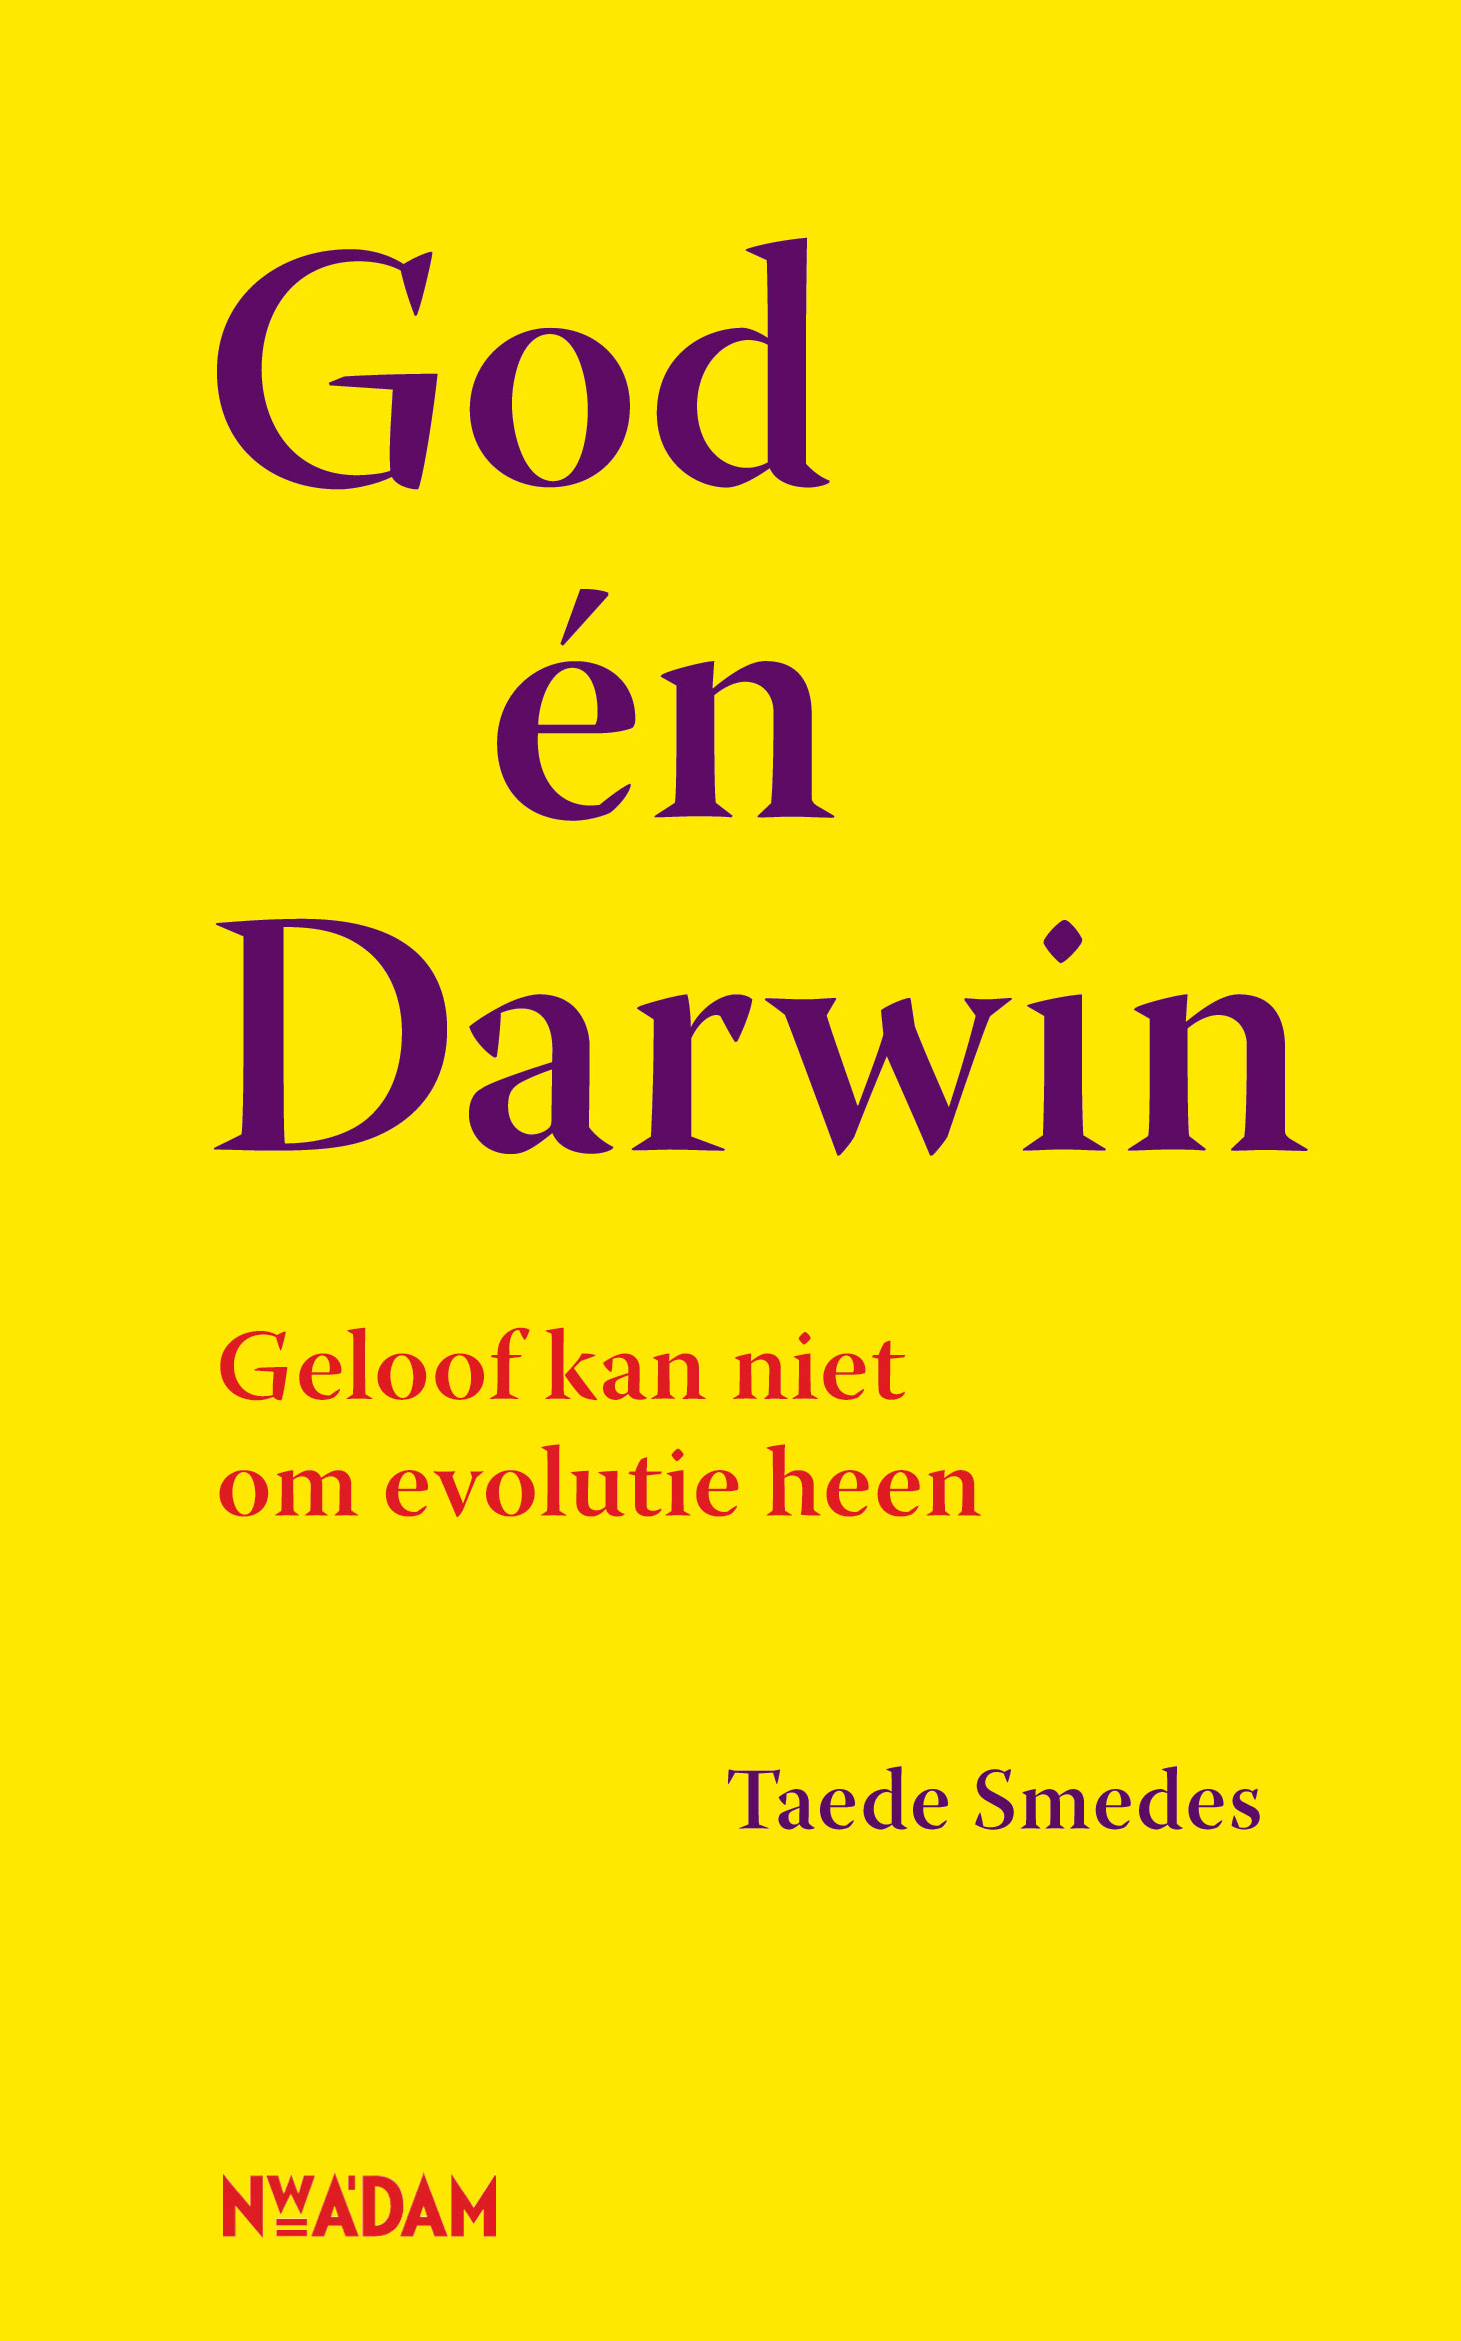 God én Darwin